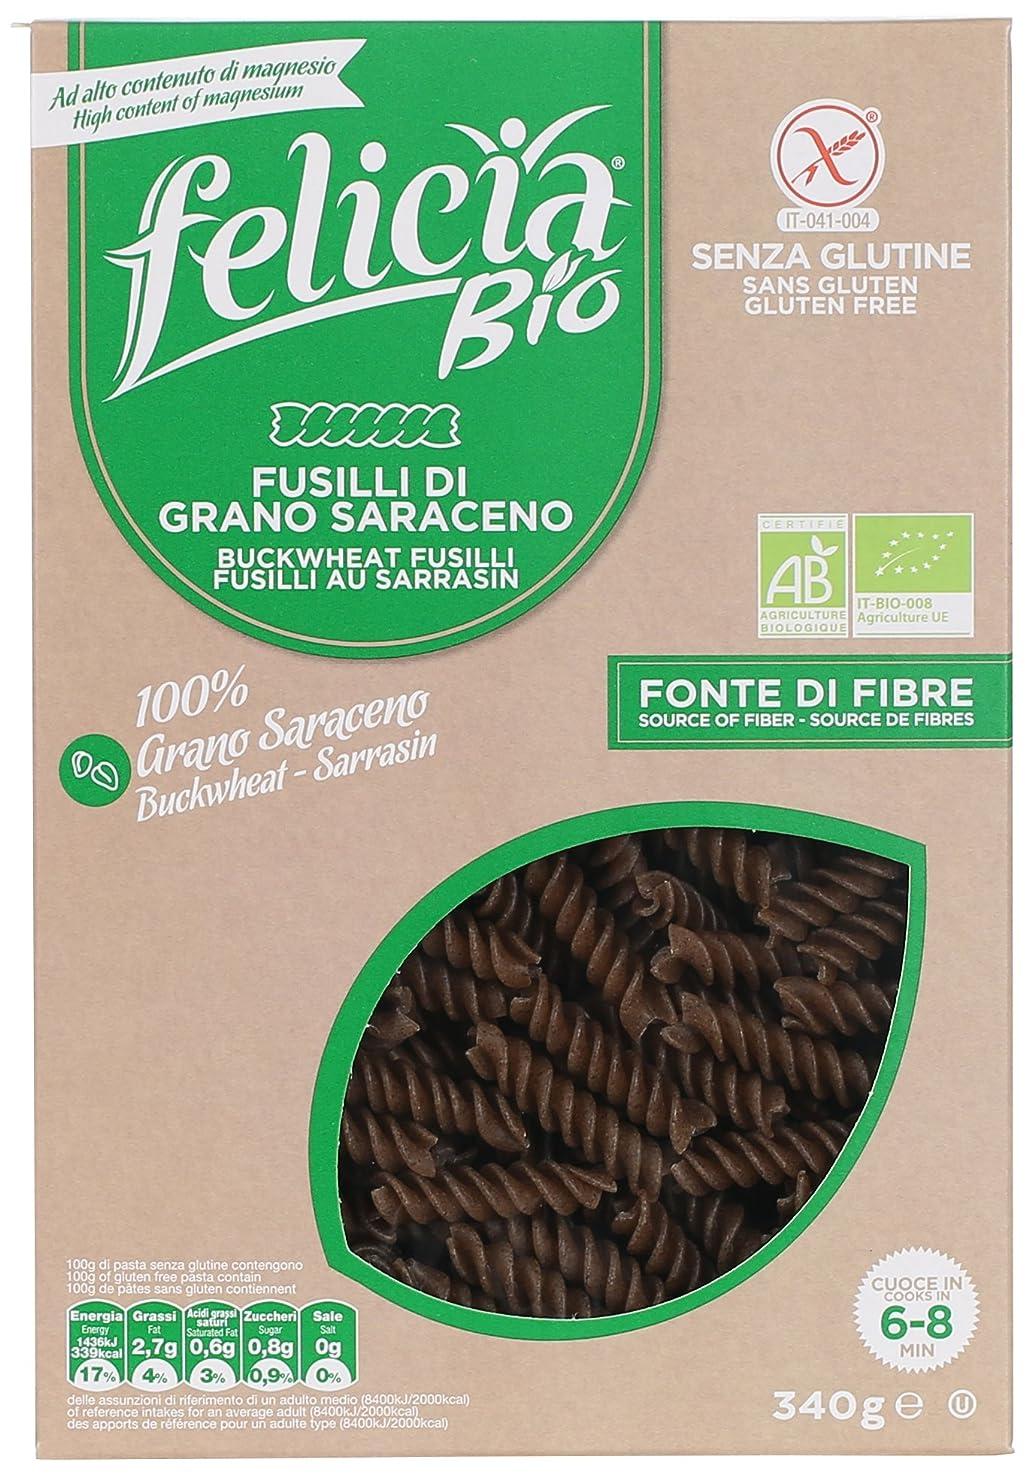 航海のジョージバーナードトラフそば粉のグルテンフリーパスタ (フジッリ) Gluten Free Buckwheat pasta (fusilli)